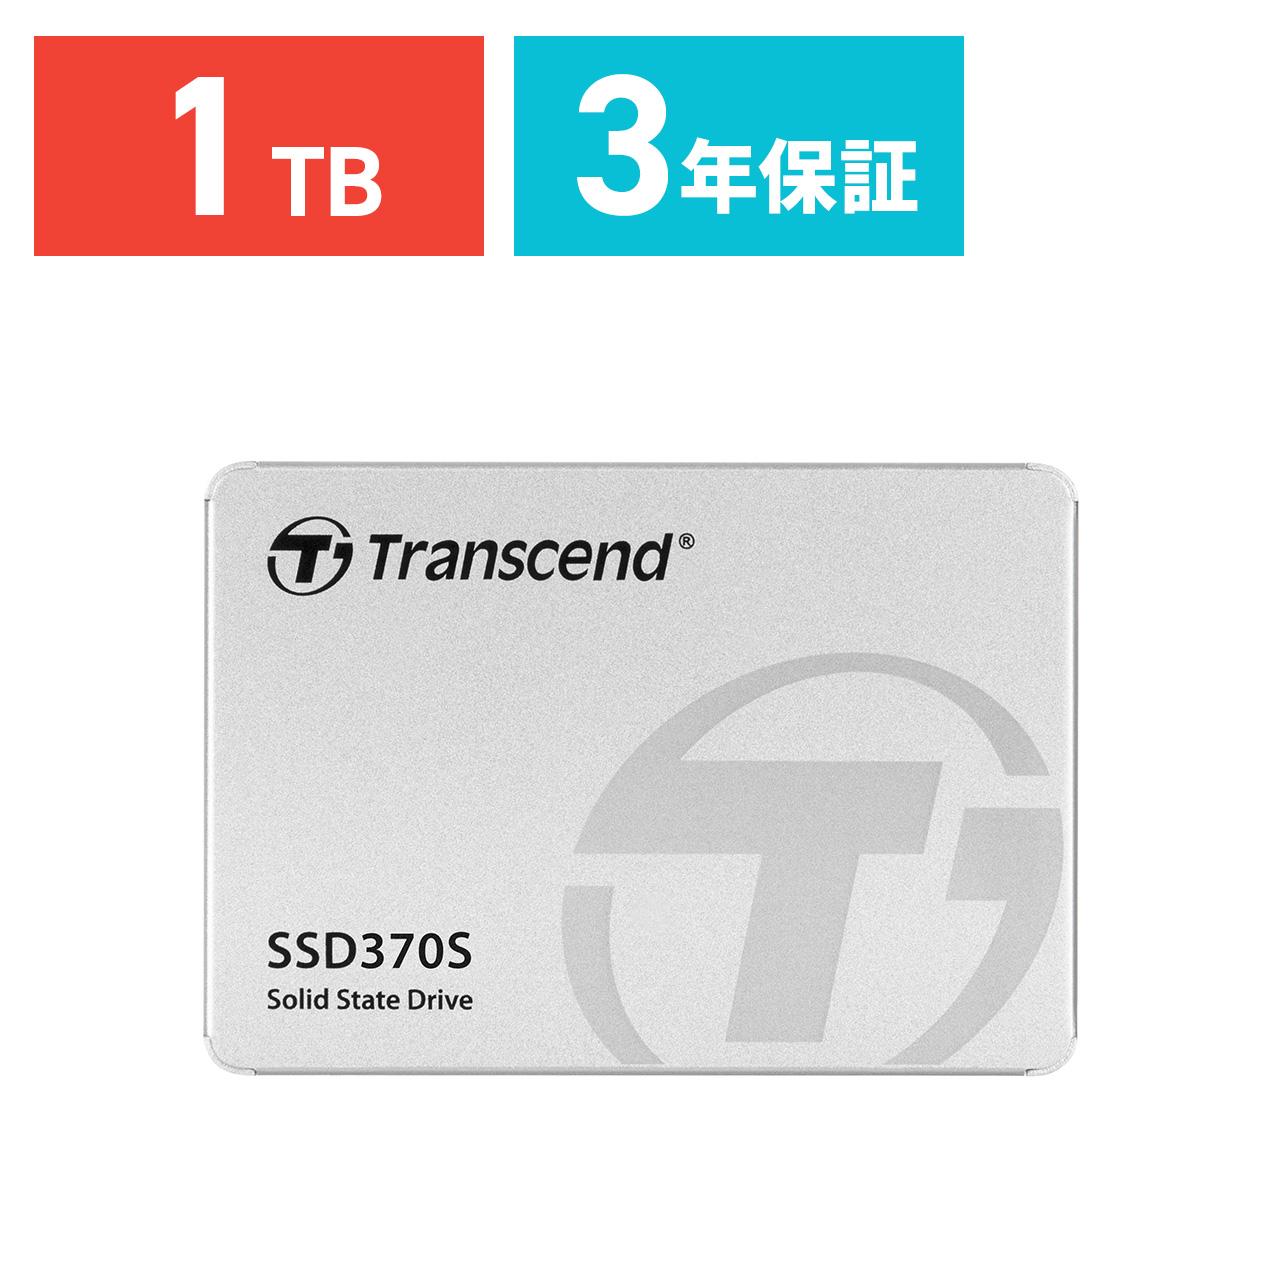 【店内全品ポイント5倍~7/21(土)1:59まで】Transcend SSD 2.5インチ 1TB SATAIII対応 [TS1TSSD370S]【送料無料】